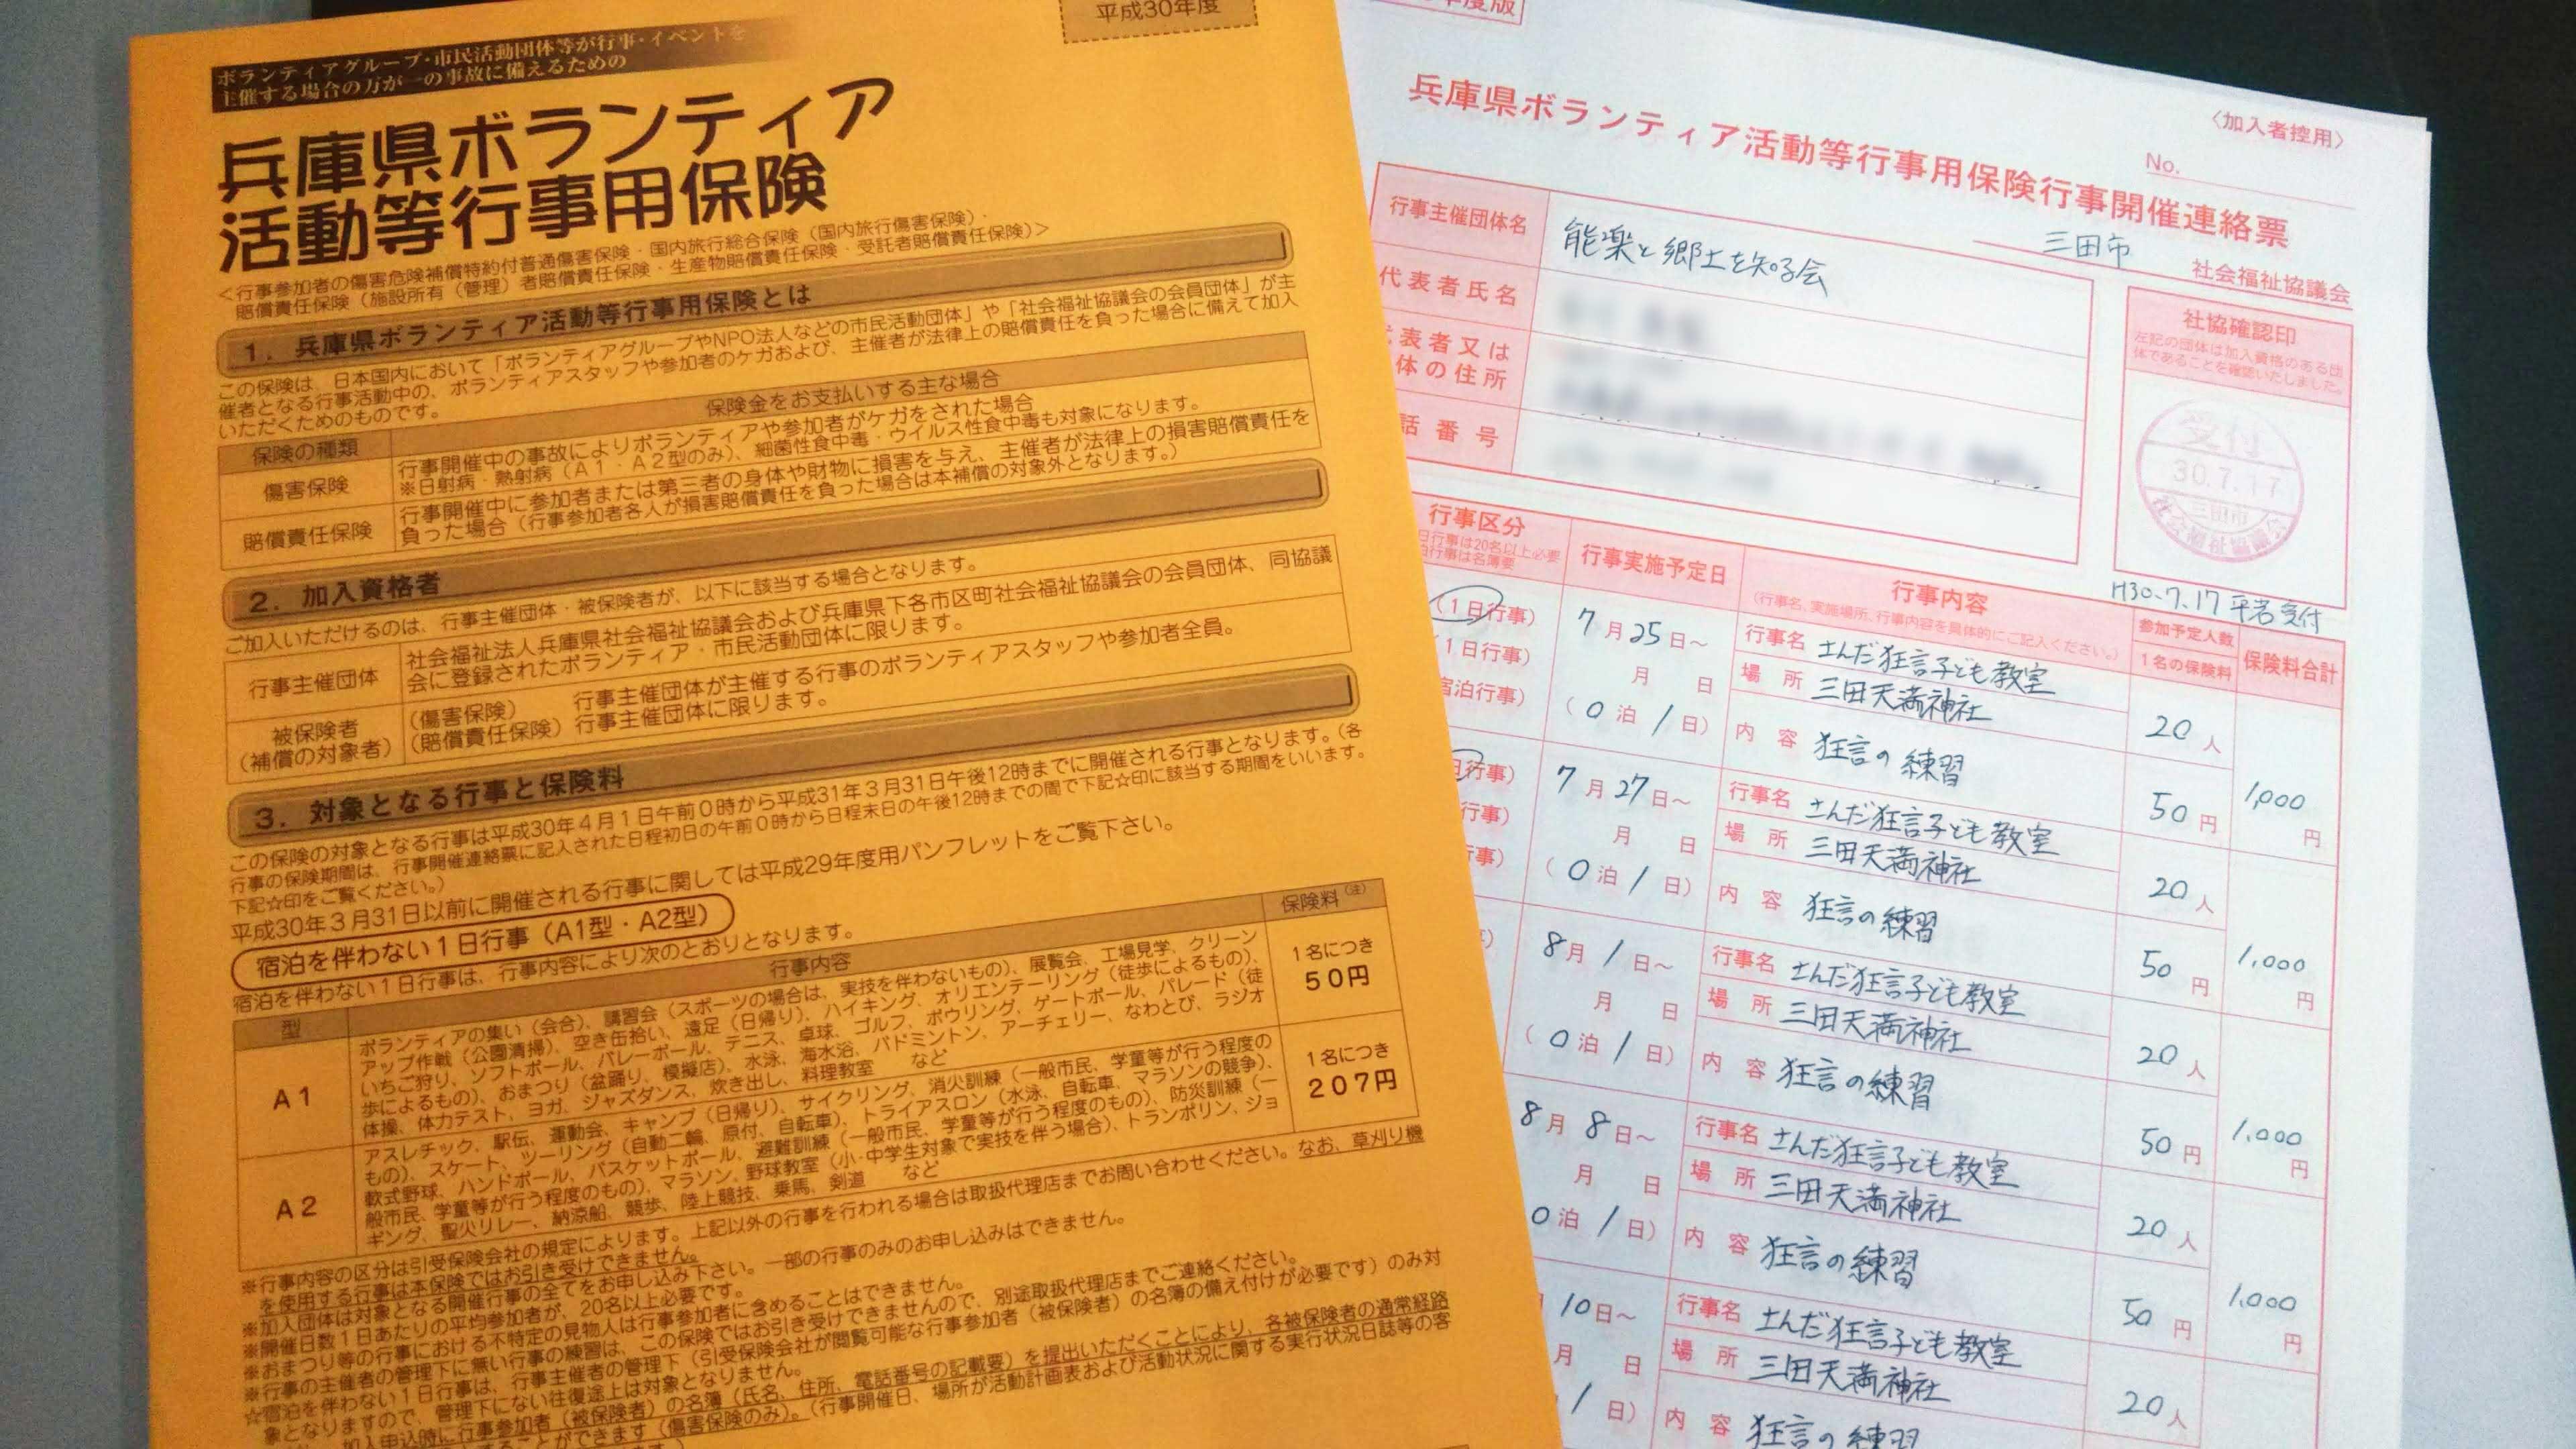 兵庫県ボランティア活動等行事保険